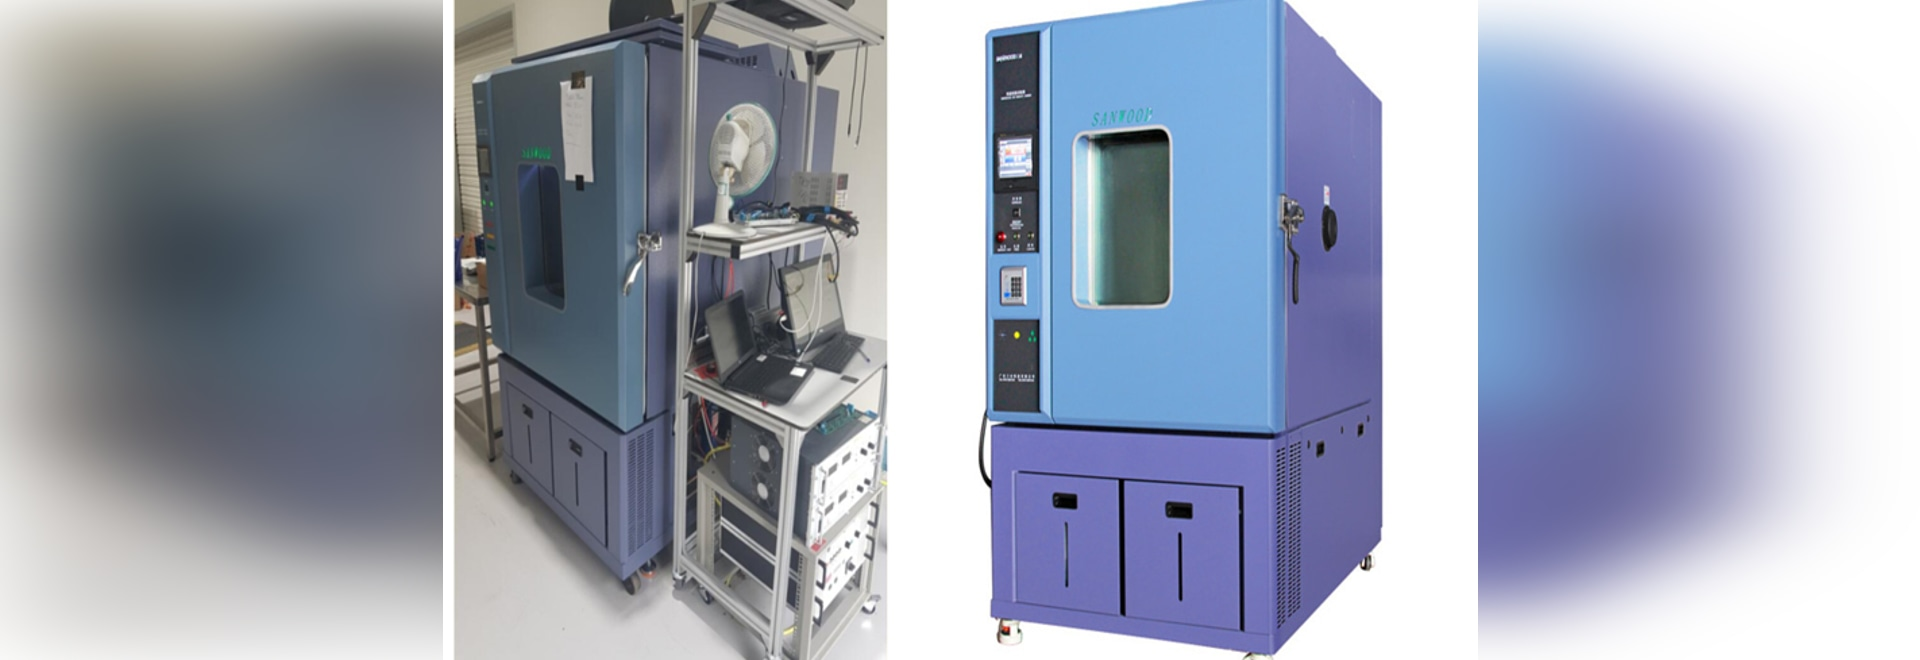 Cas de client de chambre d'essai de Sanwood : chambre d'essai de la température 1000L (et humidité)